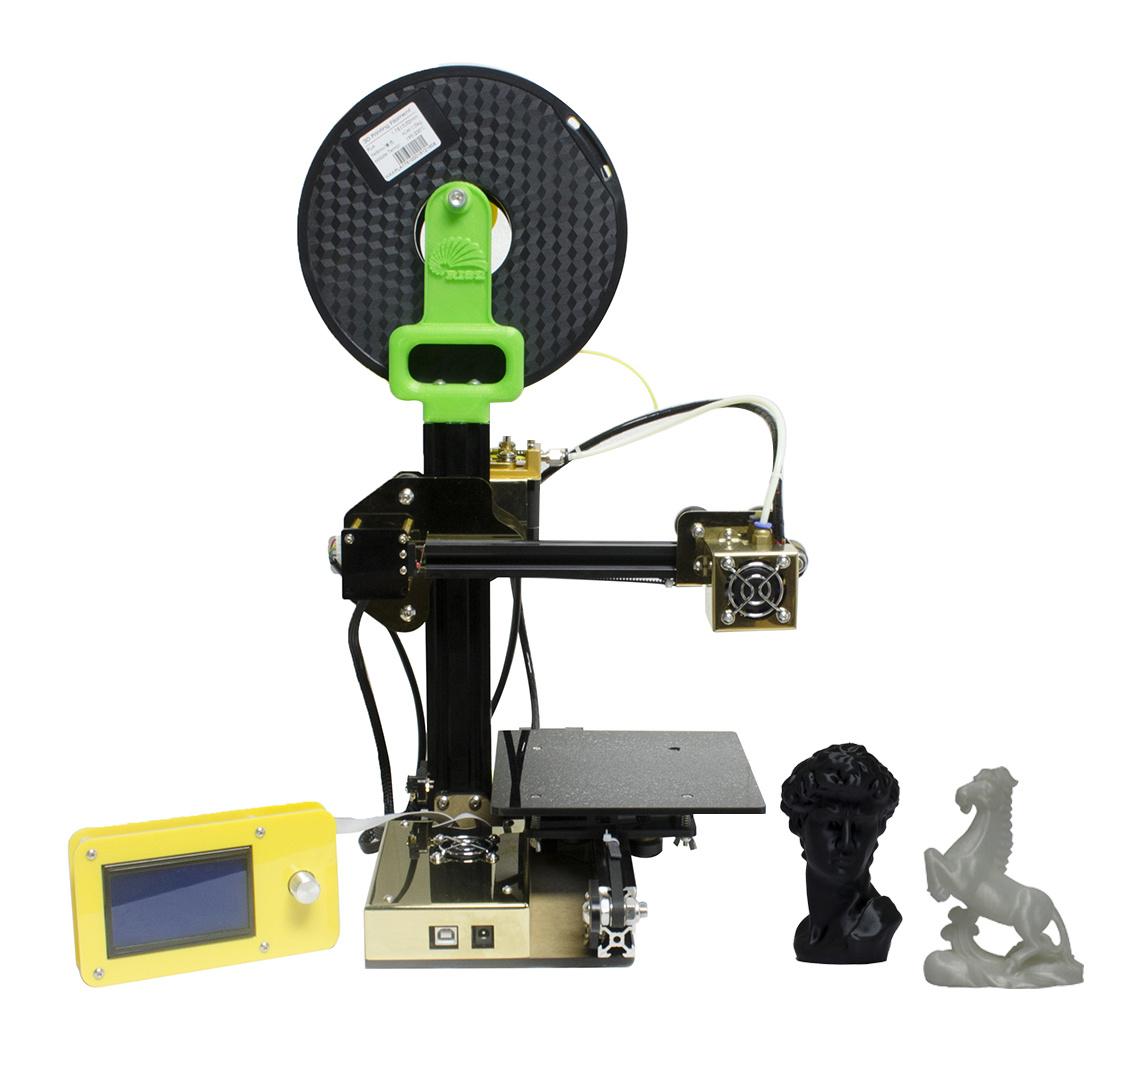 Raiscube Hot Sale Aluminum Cantilever DIY Desktop Fdm 3D Printer